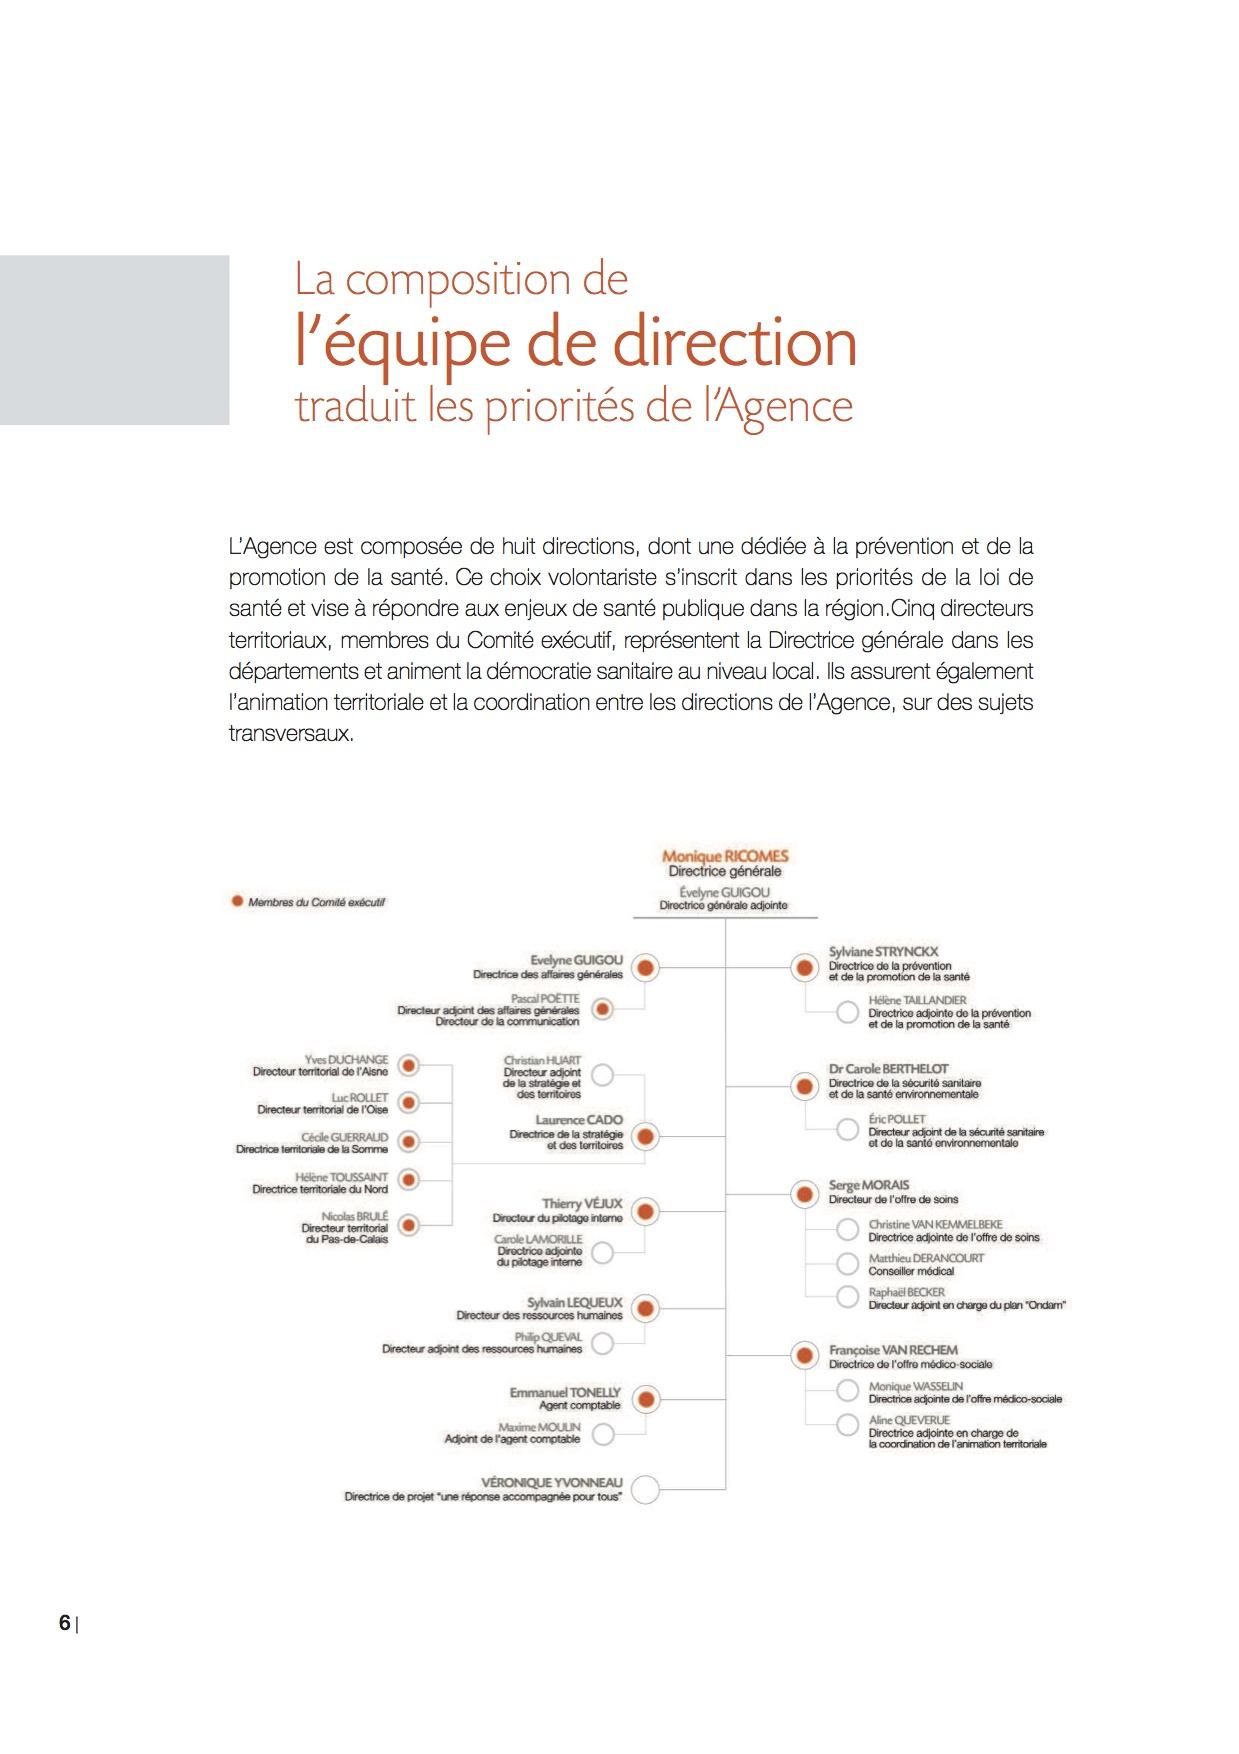 2017 Ars Hauts De France Organigramme Competences Sph